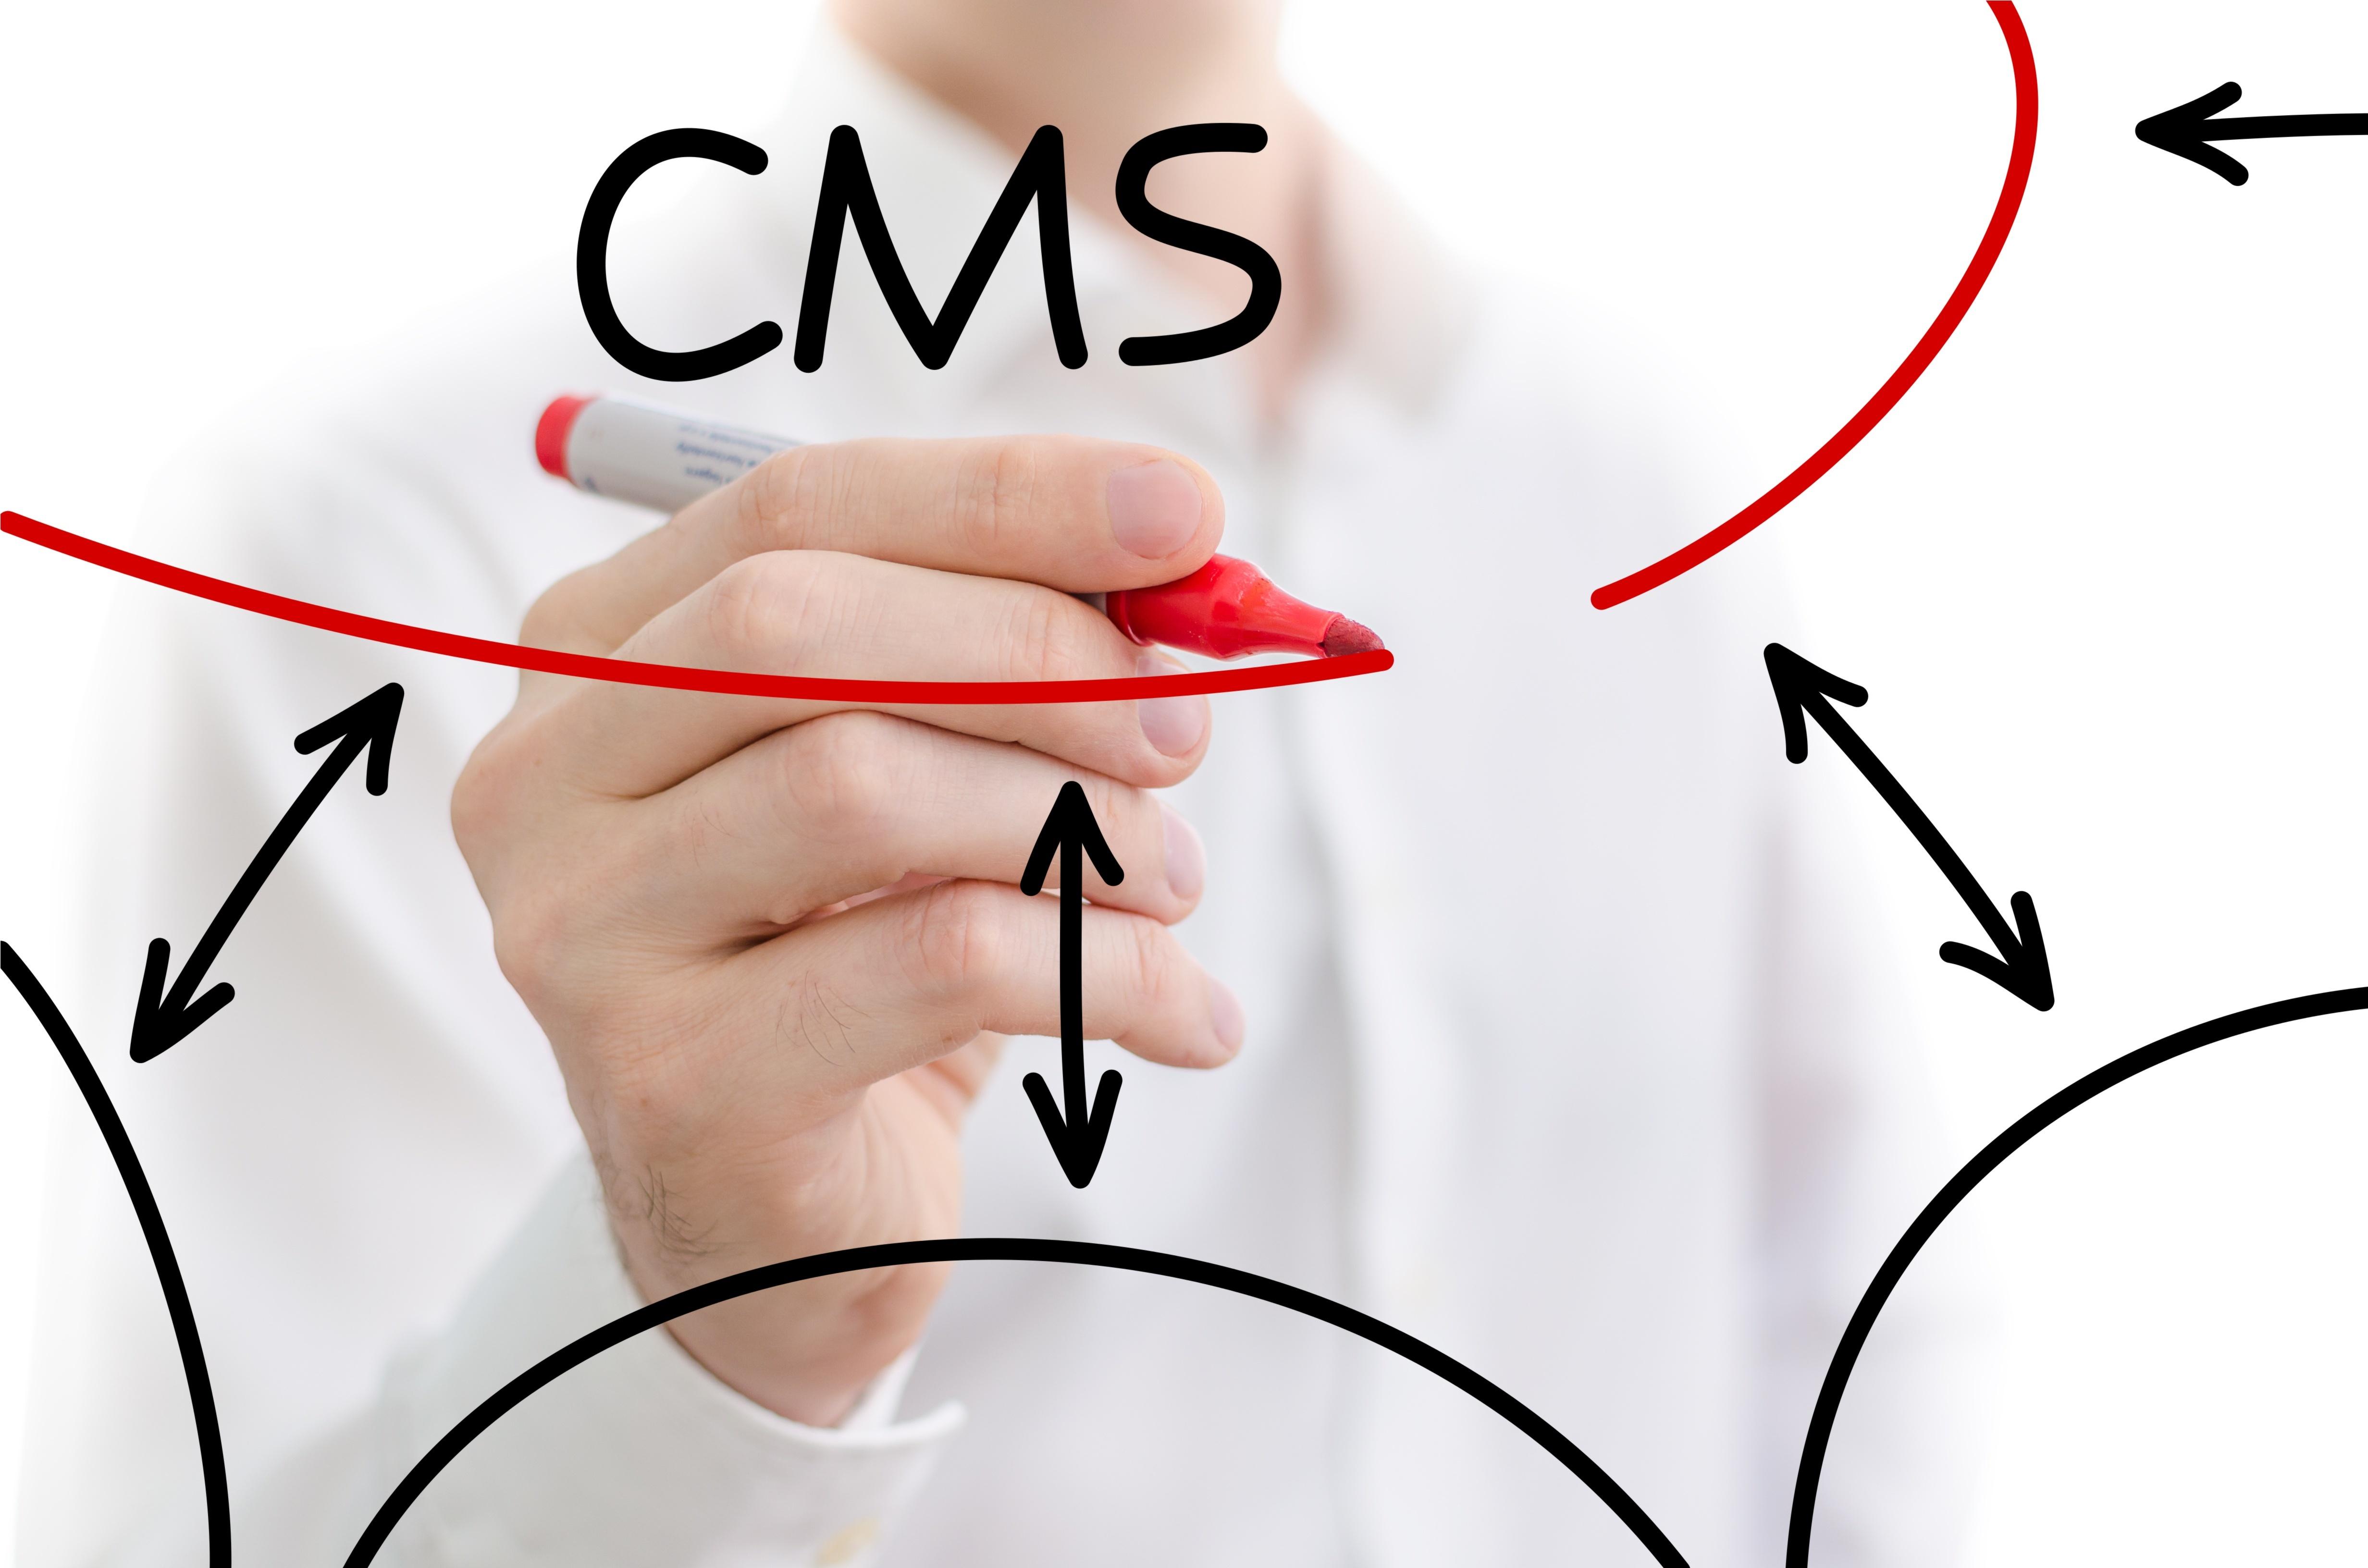 CMSの種類と特徴、おすすめCMSを解説